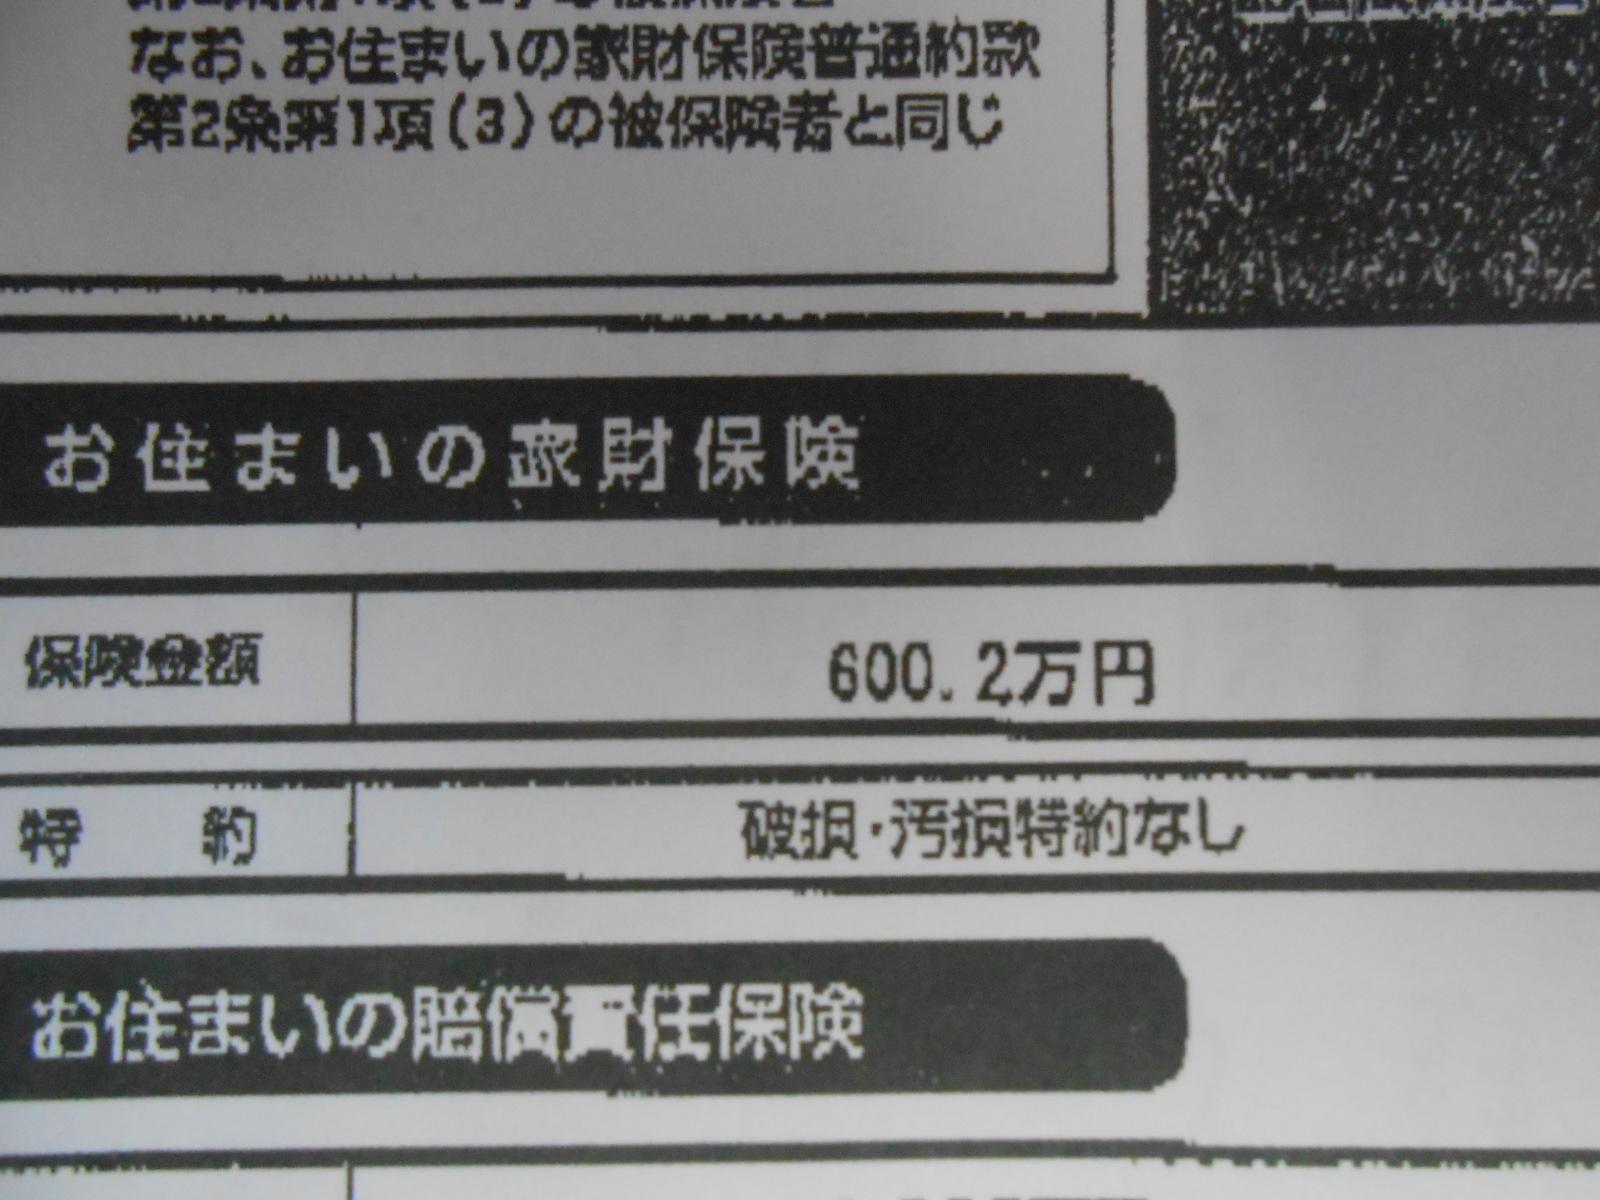 DSCN2546.jpg